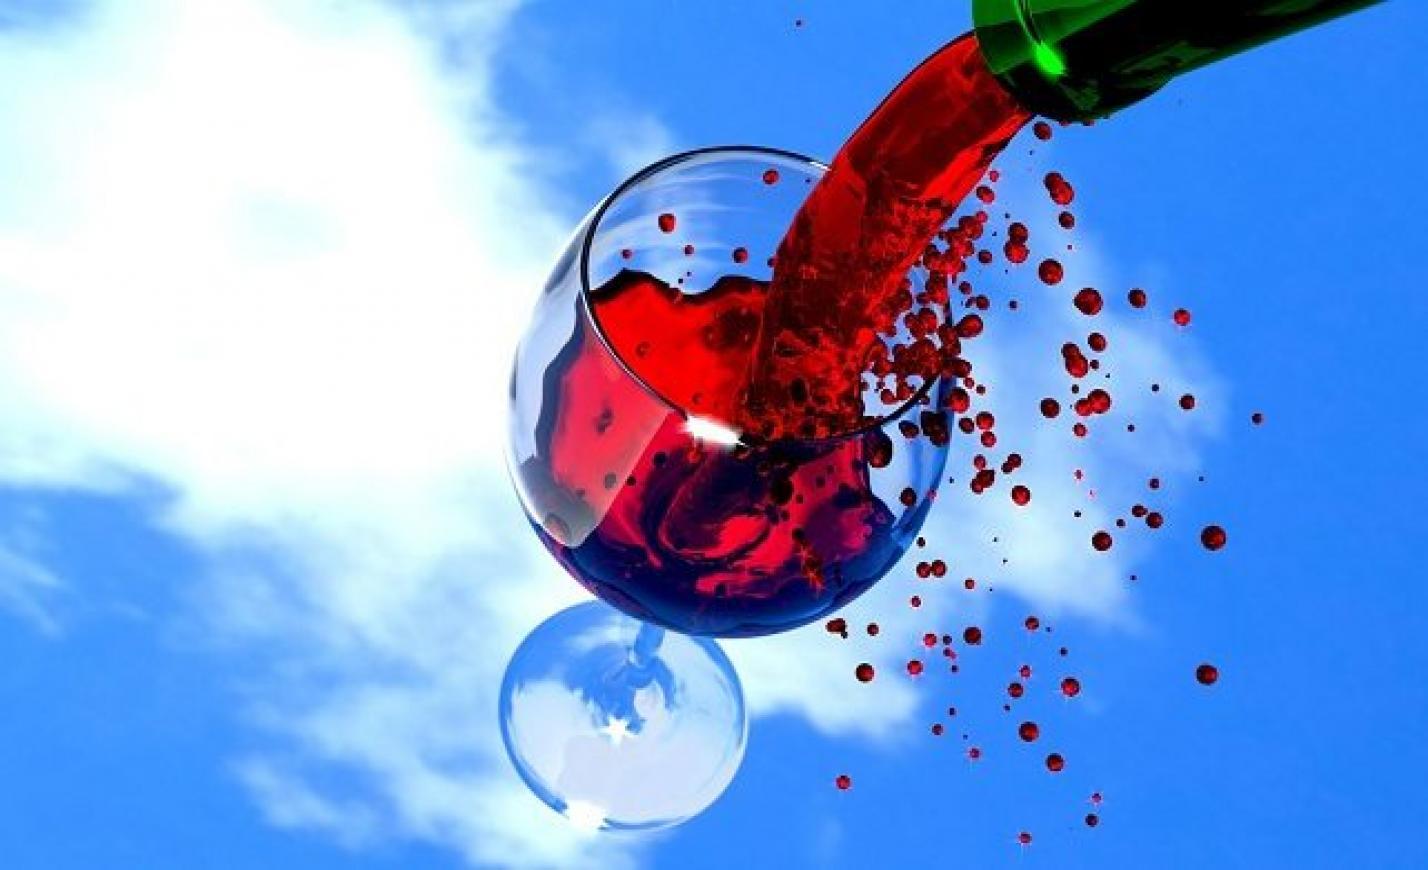 Összehangolt bormarketing: együttműködés  az állam és a szakma között